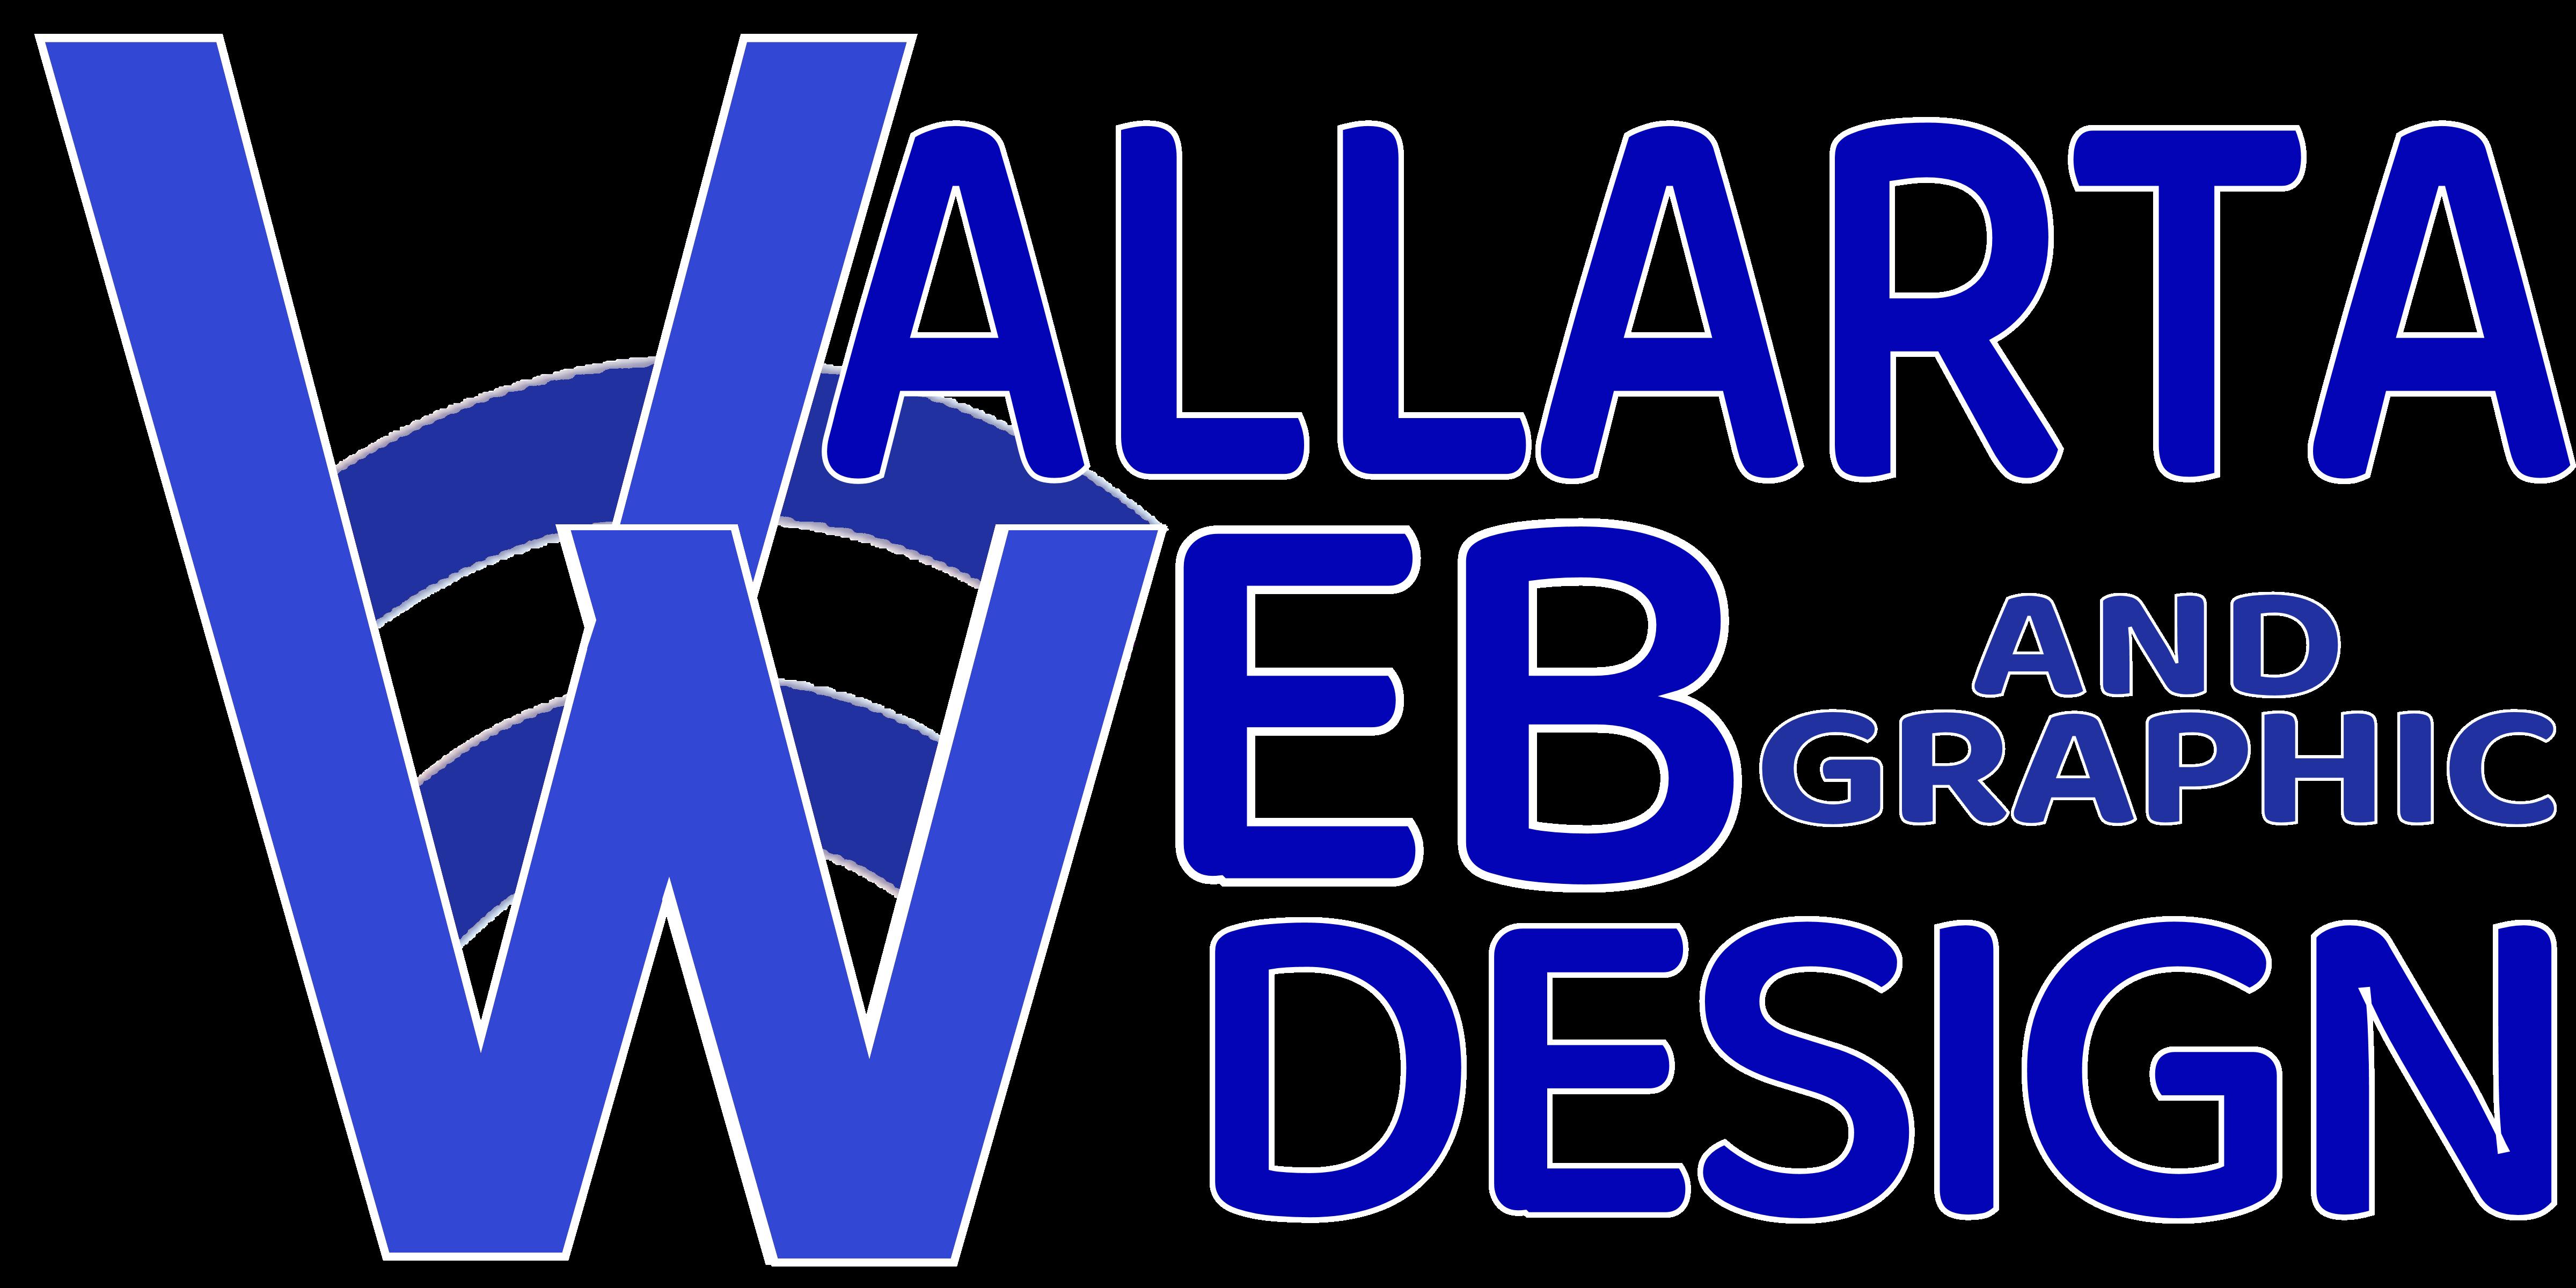 vallartadesign.com